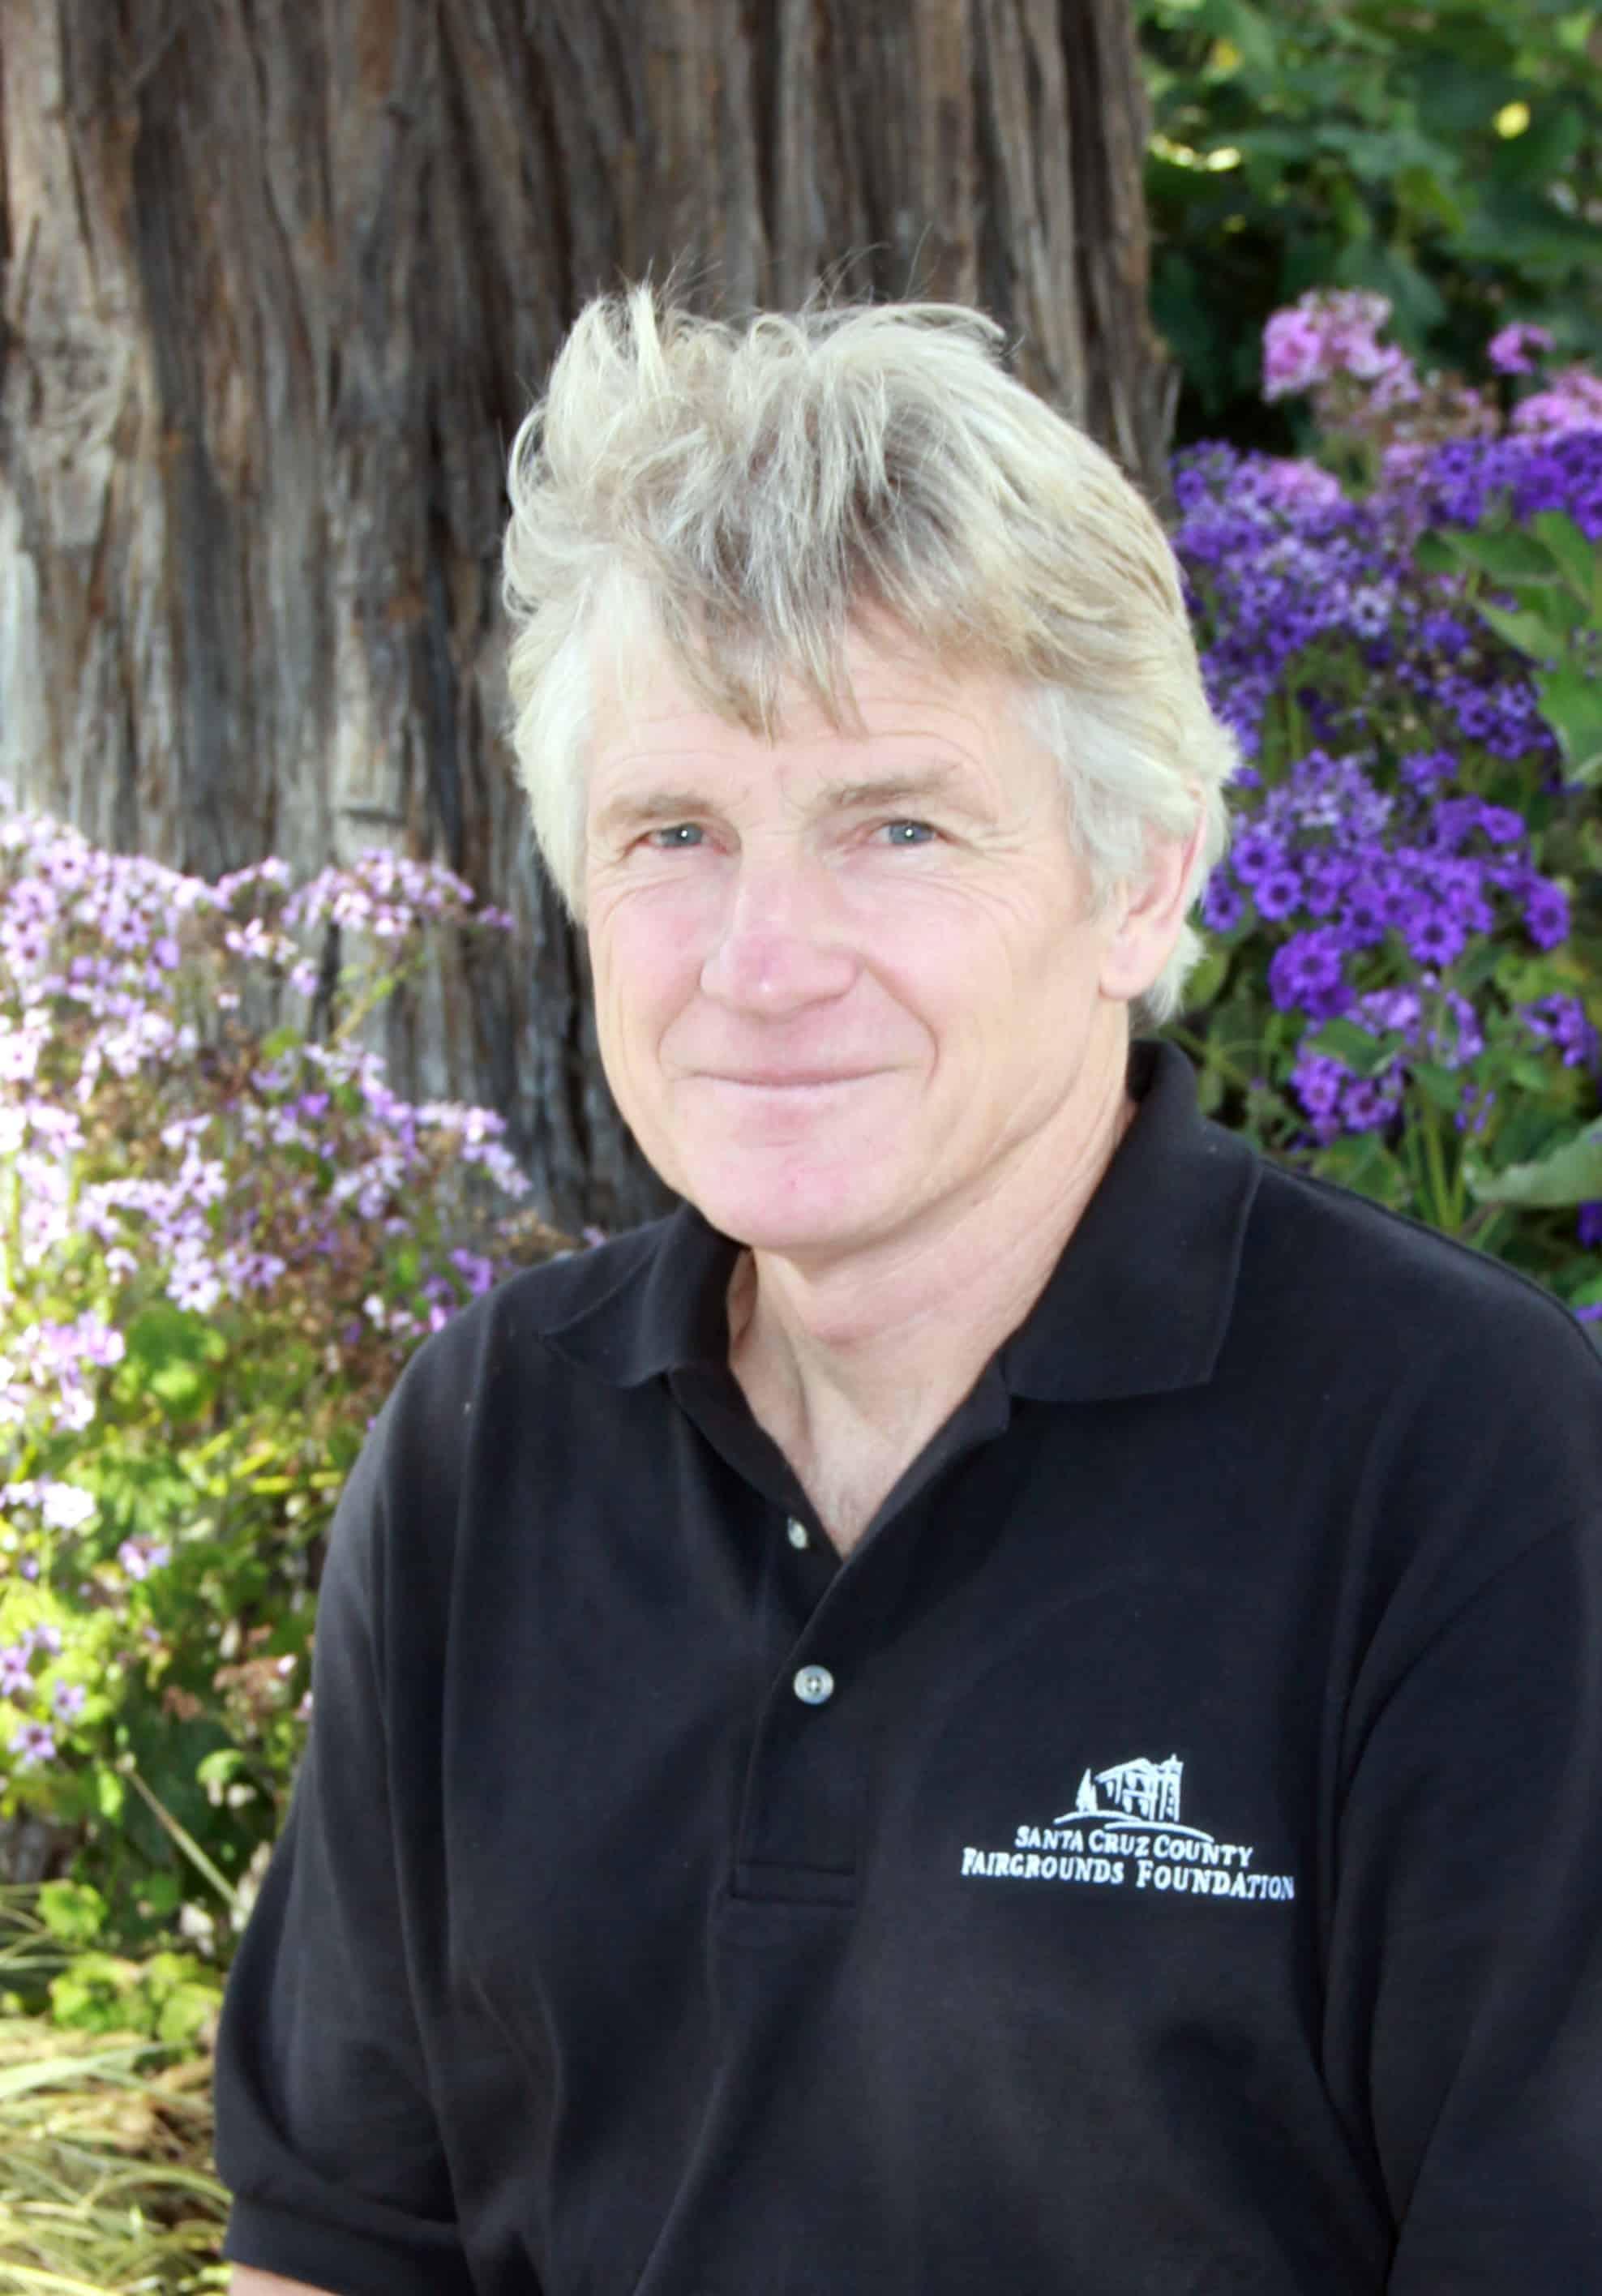 Kevin Larkin